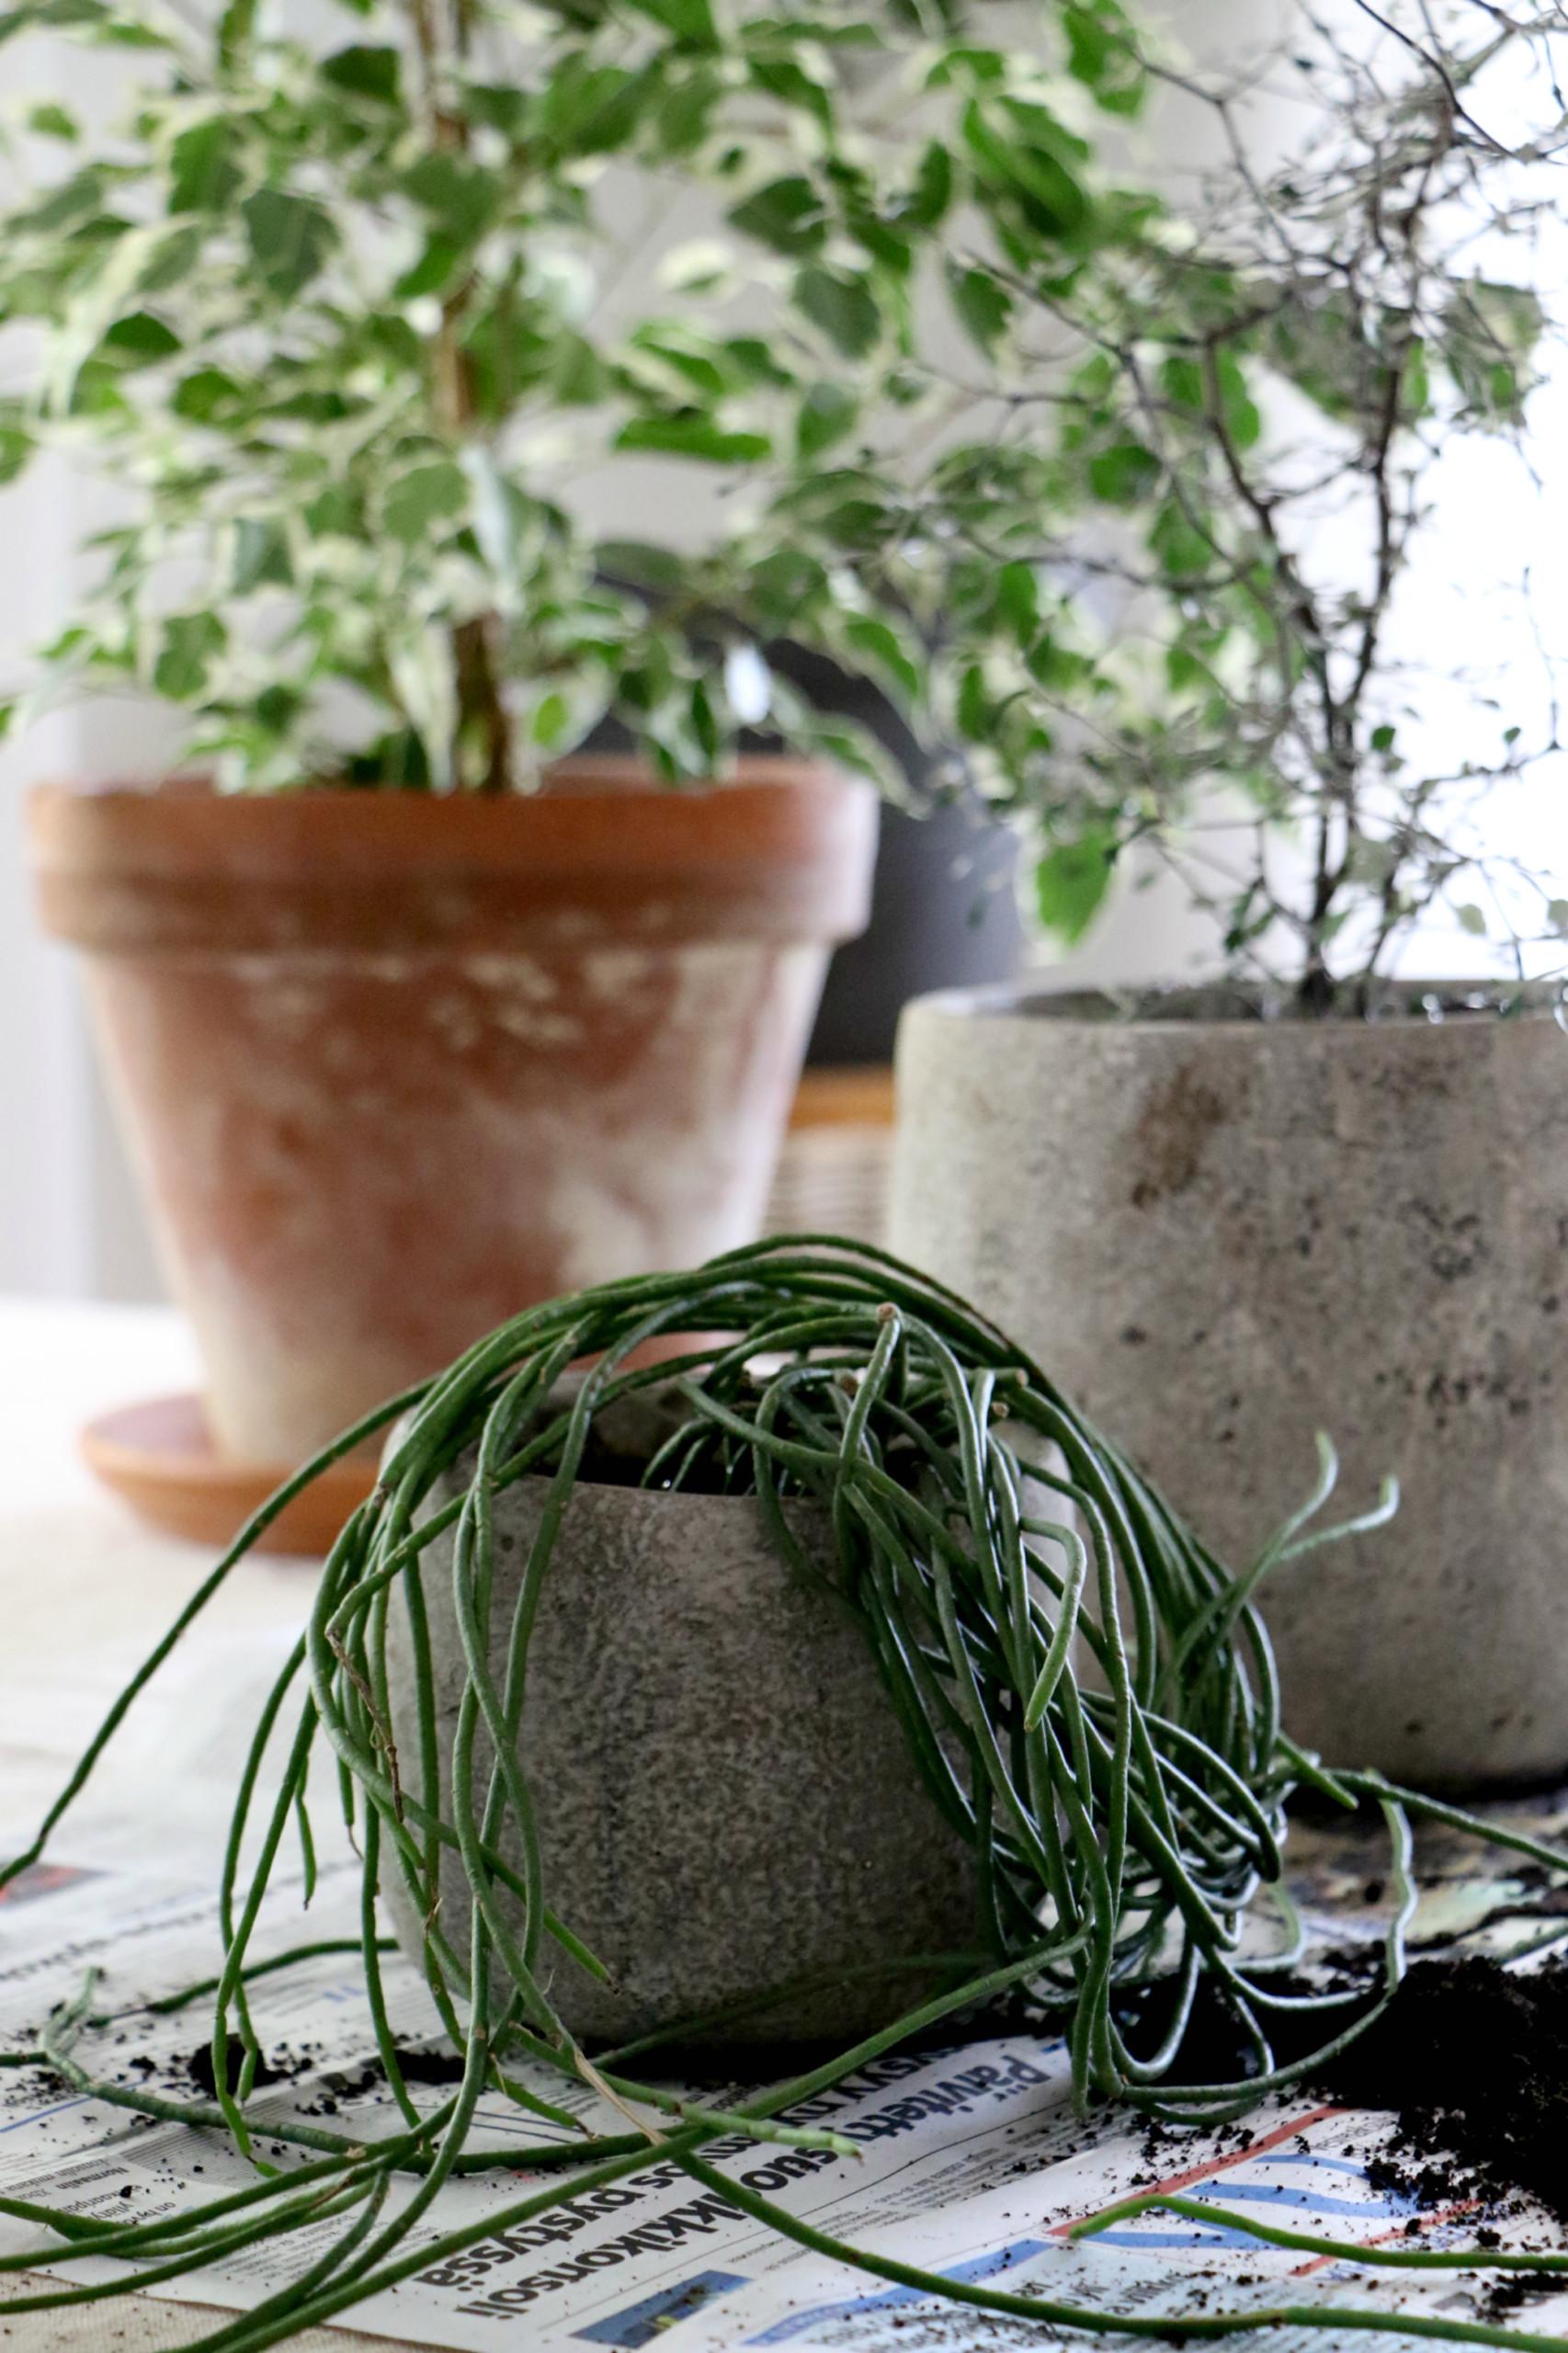 Viherkasvien hoito: istuta kasvit oikein